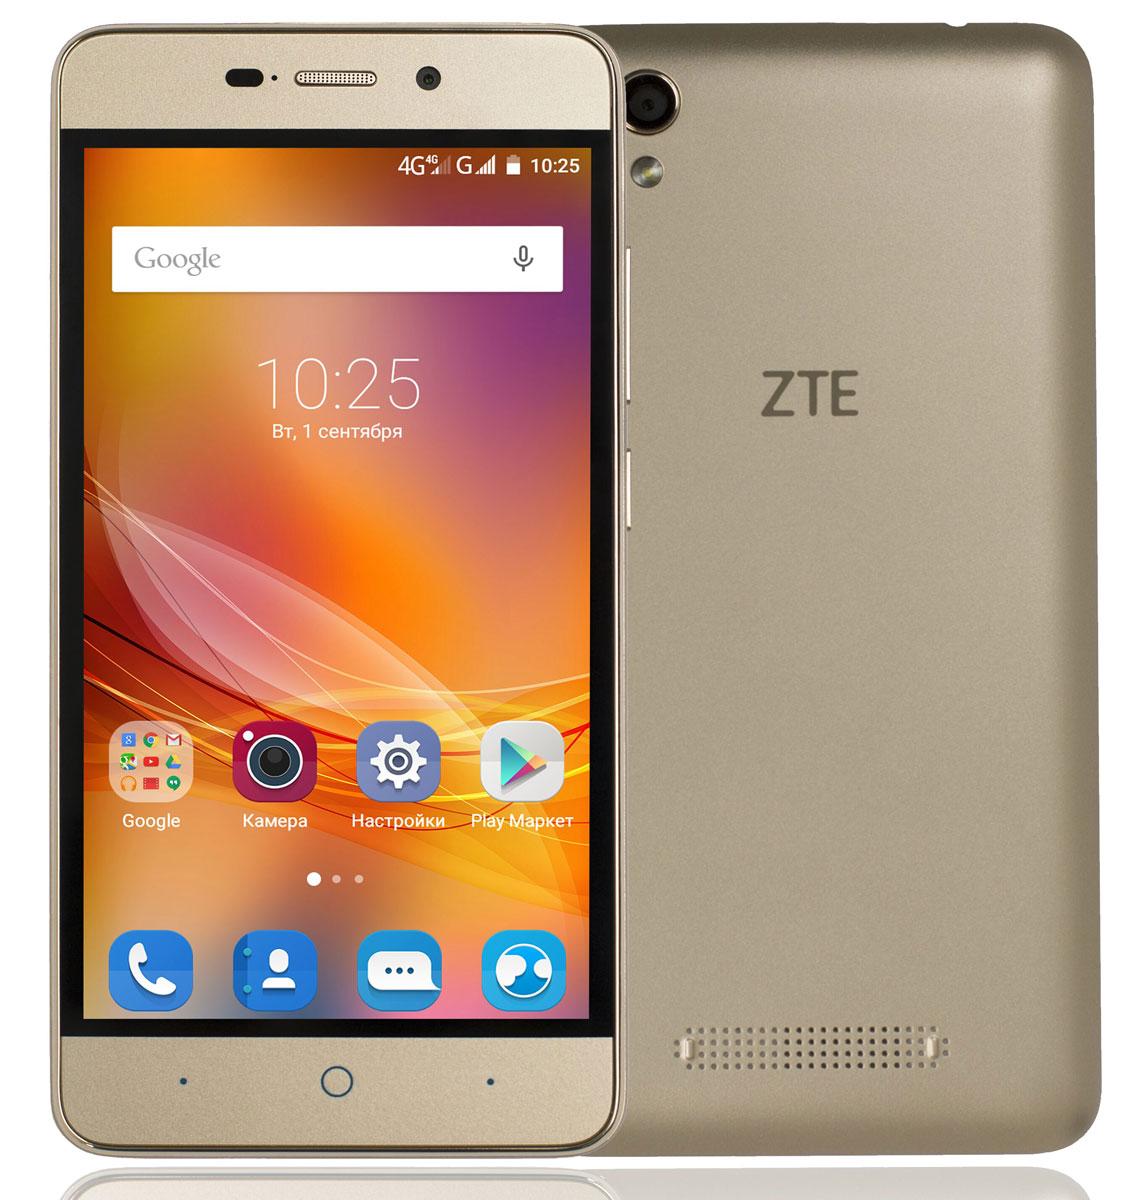 ZTE Blade X3, GoldZTE BLADE X3 (4G) GOLDZTE Blade X3 - доступный и производительный LTE-смартфон c аккумулятором емкостью 4000 мАч (имеется функция Power Bank). Данная модель работает модель на базе 64-битного четырехъядерного процессора MediaTek MT6735P 1 ГГц с 1 ГБ оперативной памяти. Для хранения данных доступно 8 ГБ встроенной памяти. Смартфон оборудован качественным 5-дюймовым HD IPS-дисплеем с разрешением 1280 x 720. На нем будет удобно просматривать фотографии и видеоролики, а также работать в интернете. Девайс обладает двумя слотами для SIM-карт, слотом для карт памяти microSD (до 32 ГБ). ZTE Blade X3 оснащен двумя камерами: основной на 8 мегапикселей и фронтальной на 5 мегапикселей. Основная камера отлично справляется со съемкой в слабо освещенных местах. А фронтальная идеально подойдет для видеозвонков и селфи. Телефон сертифицирован Ростест и имеет русифицированный интерфейс меню, а также Руководство пользователя.